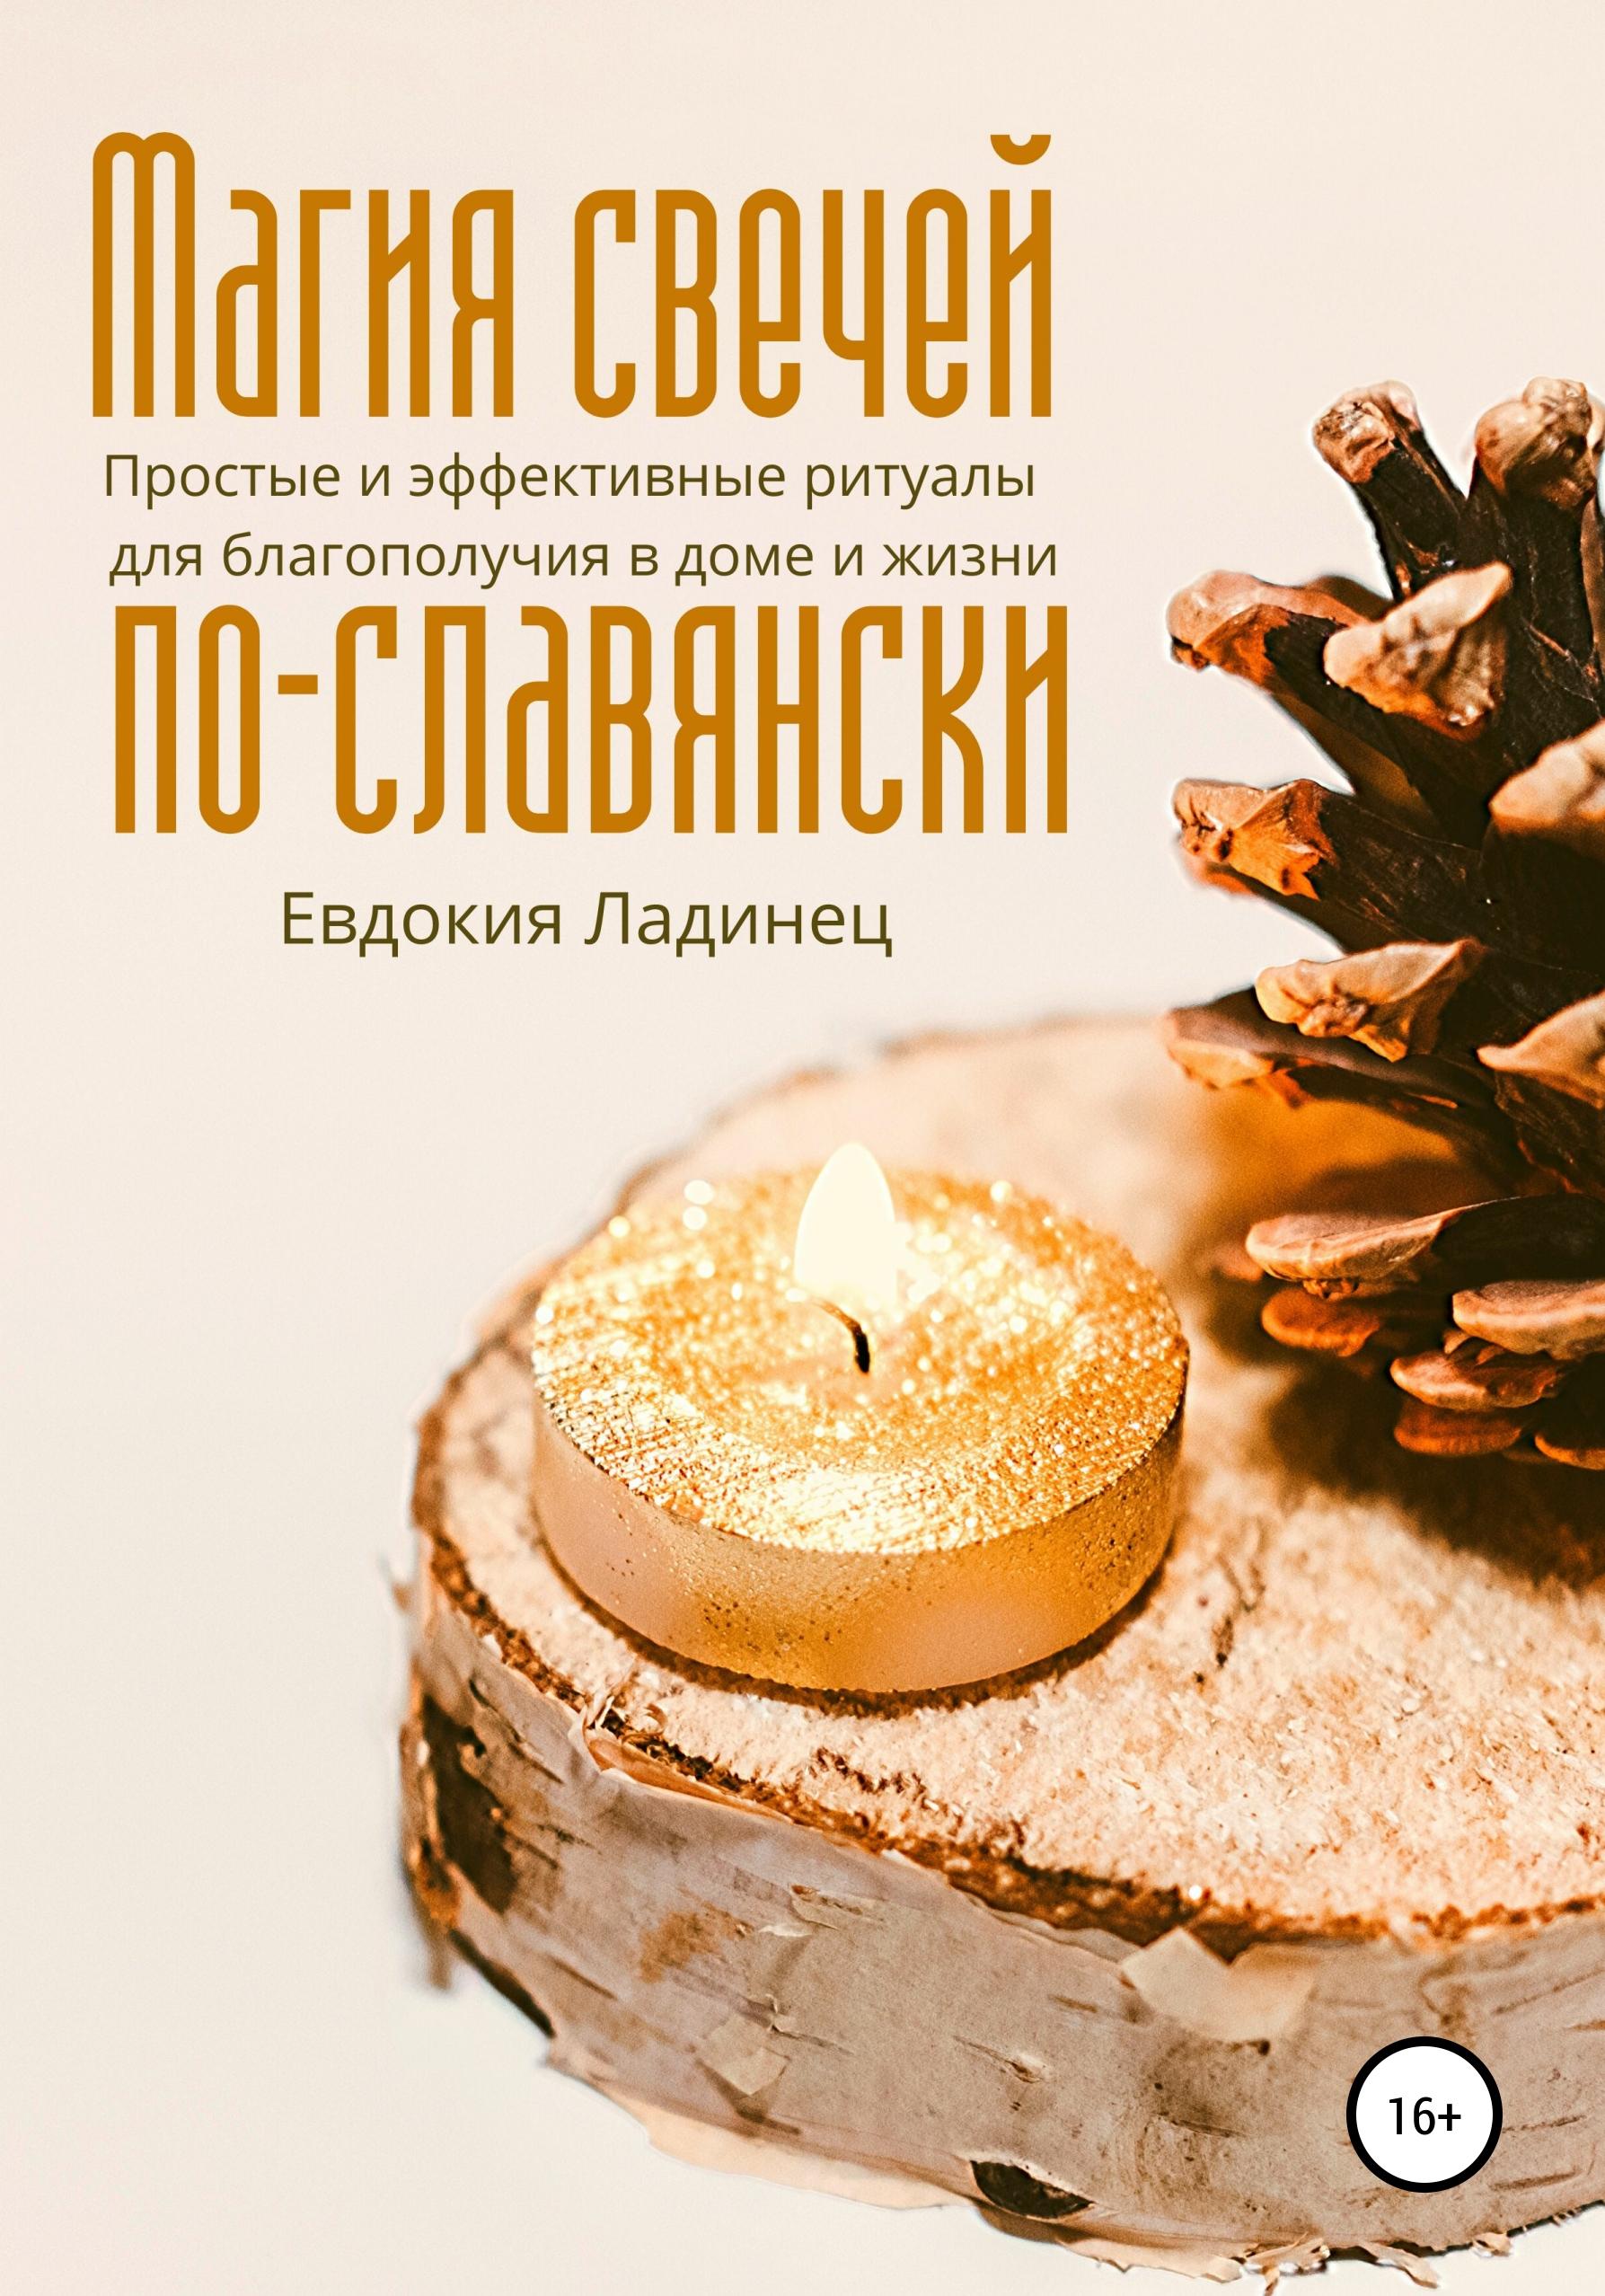 Евдокия Ладинец Магия свечей по-славянски. Простые и эффективные ритуалы для благополучия в доме и жизни